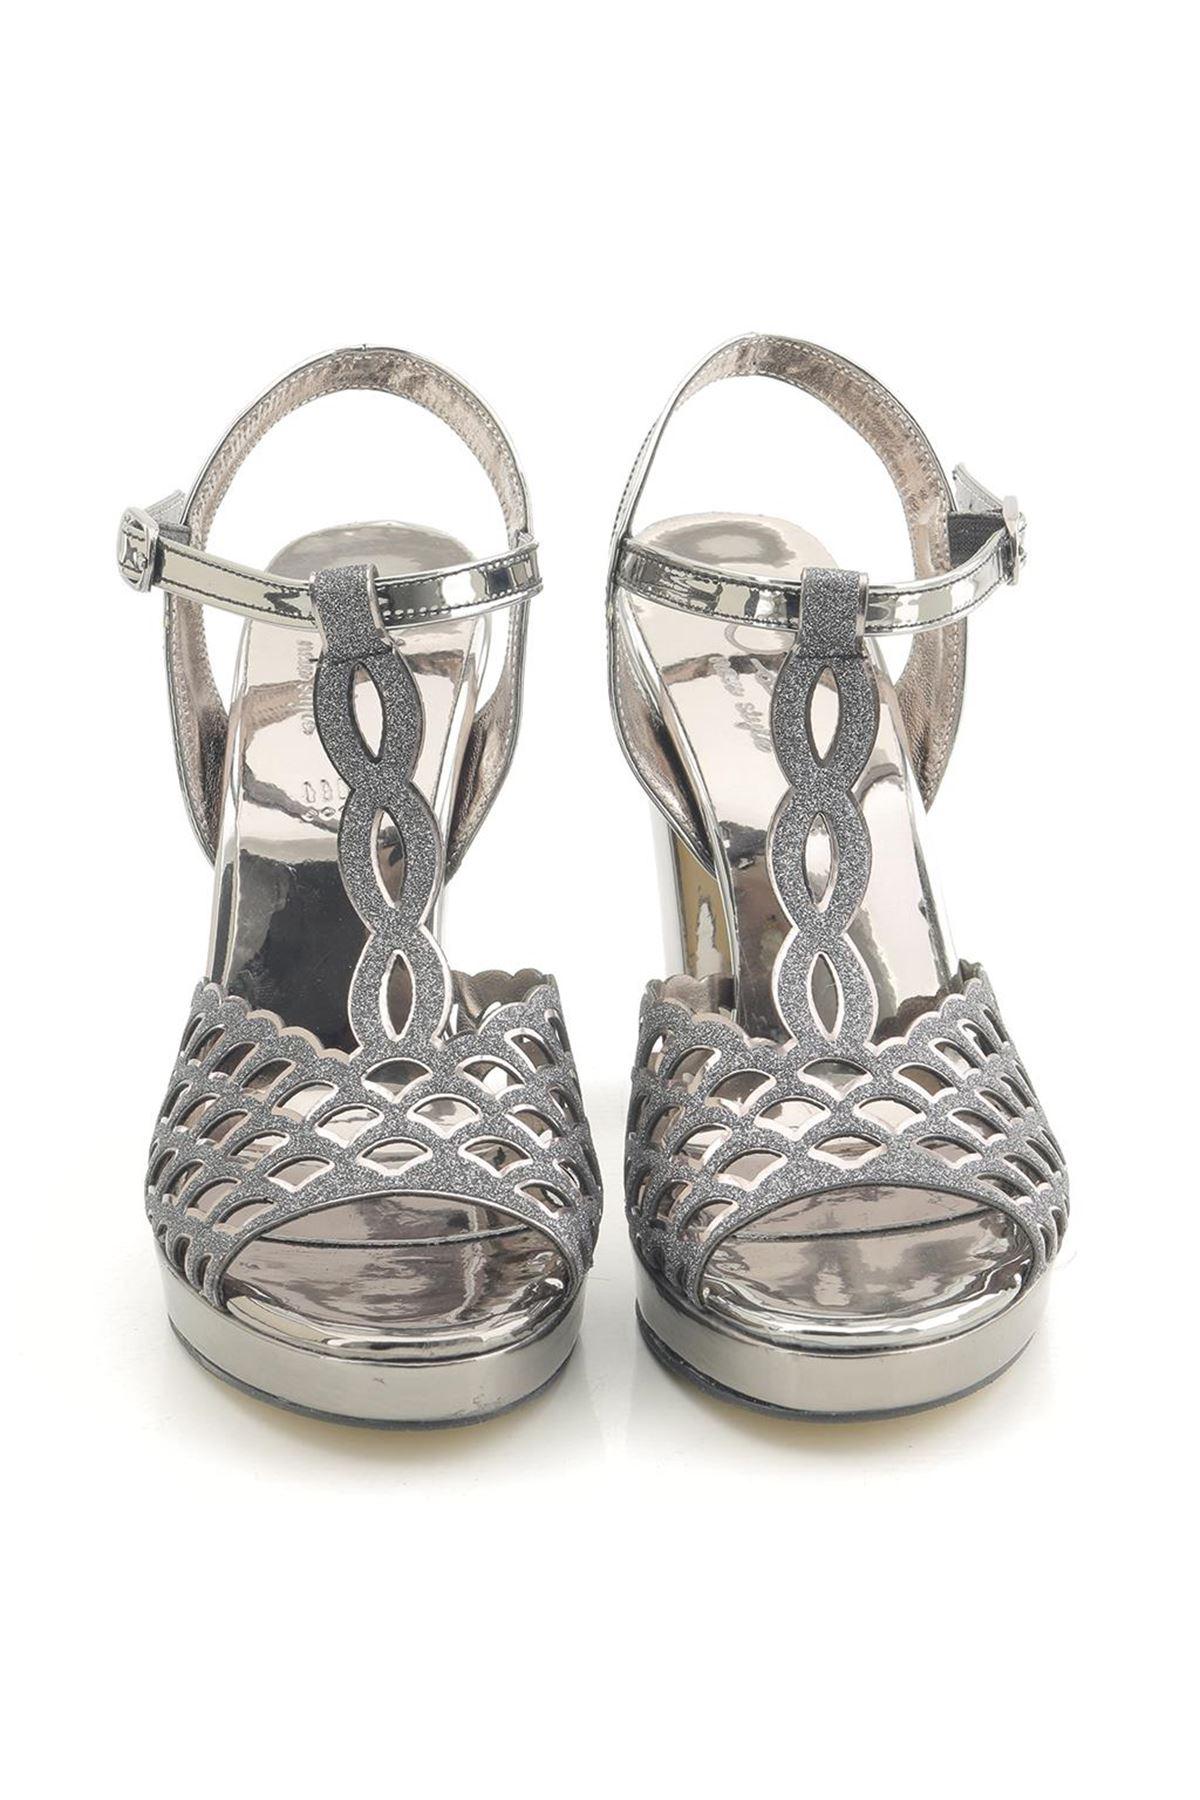 Lady Yüksek Topuk Platform Platin Parlak Topuklu Ayakkabı